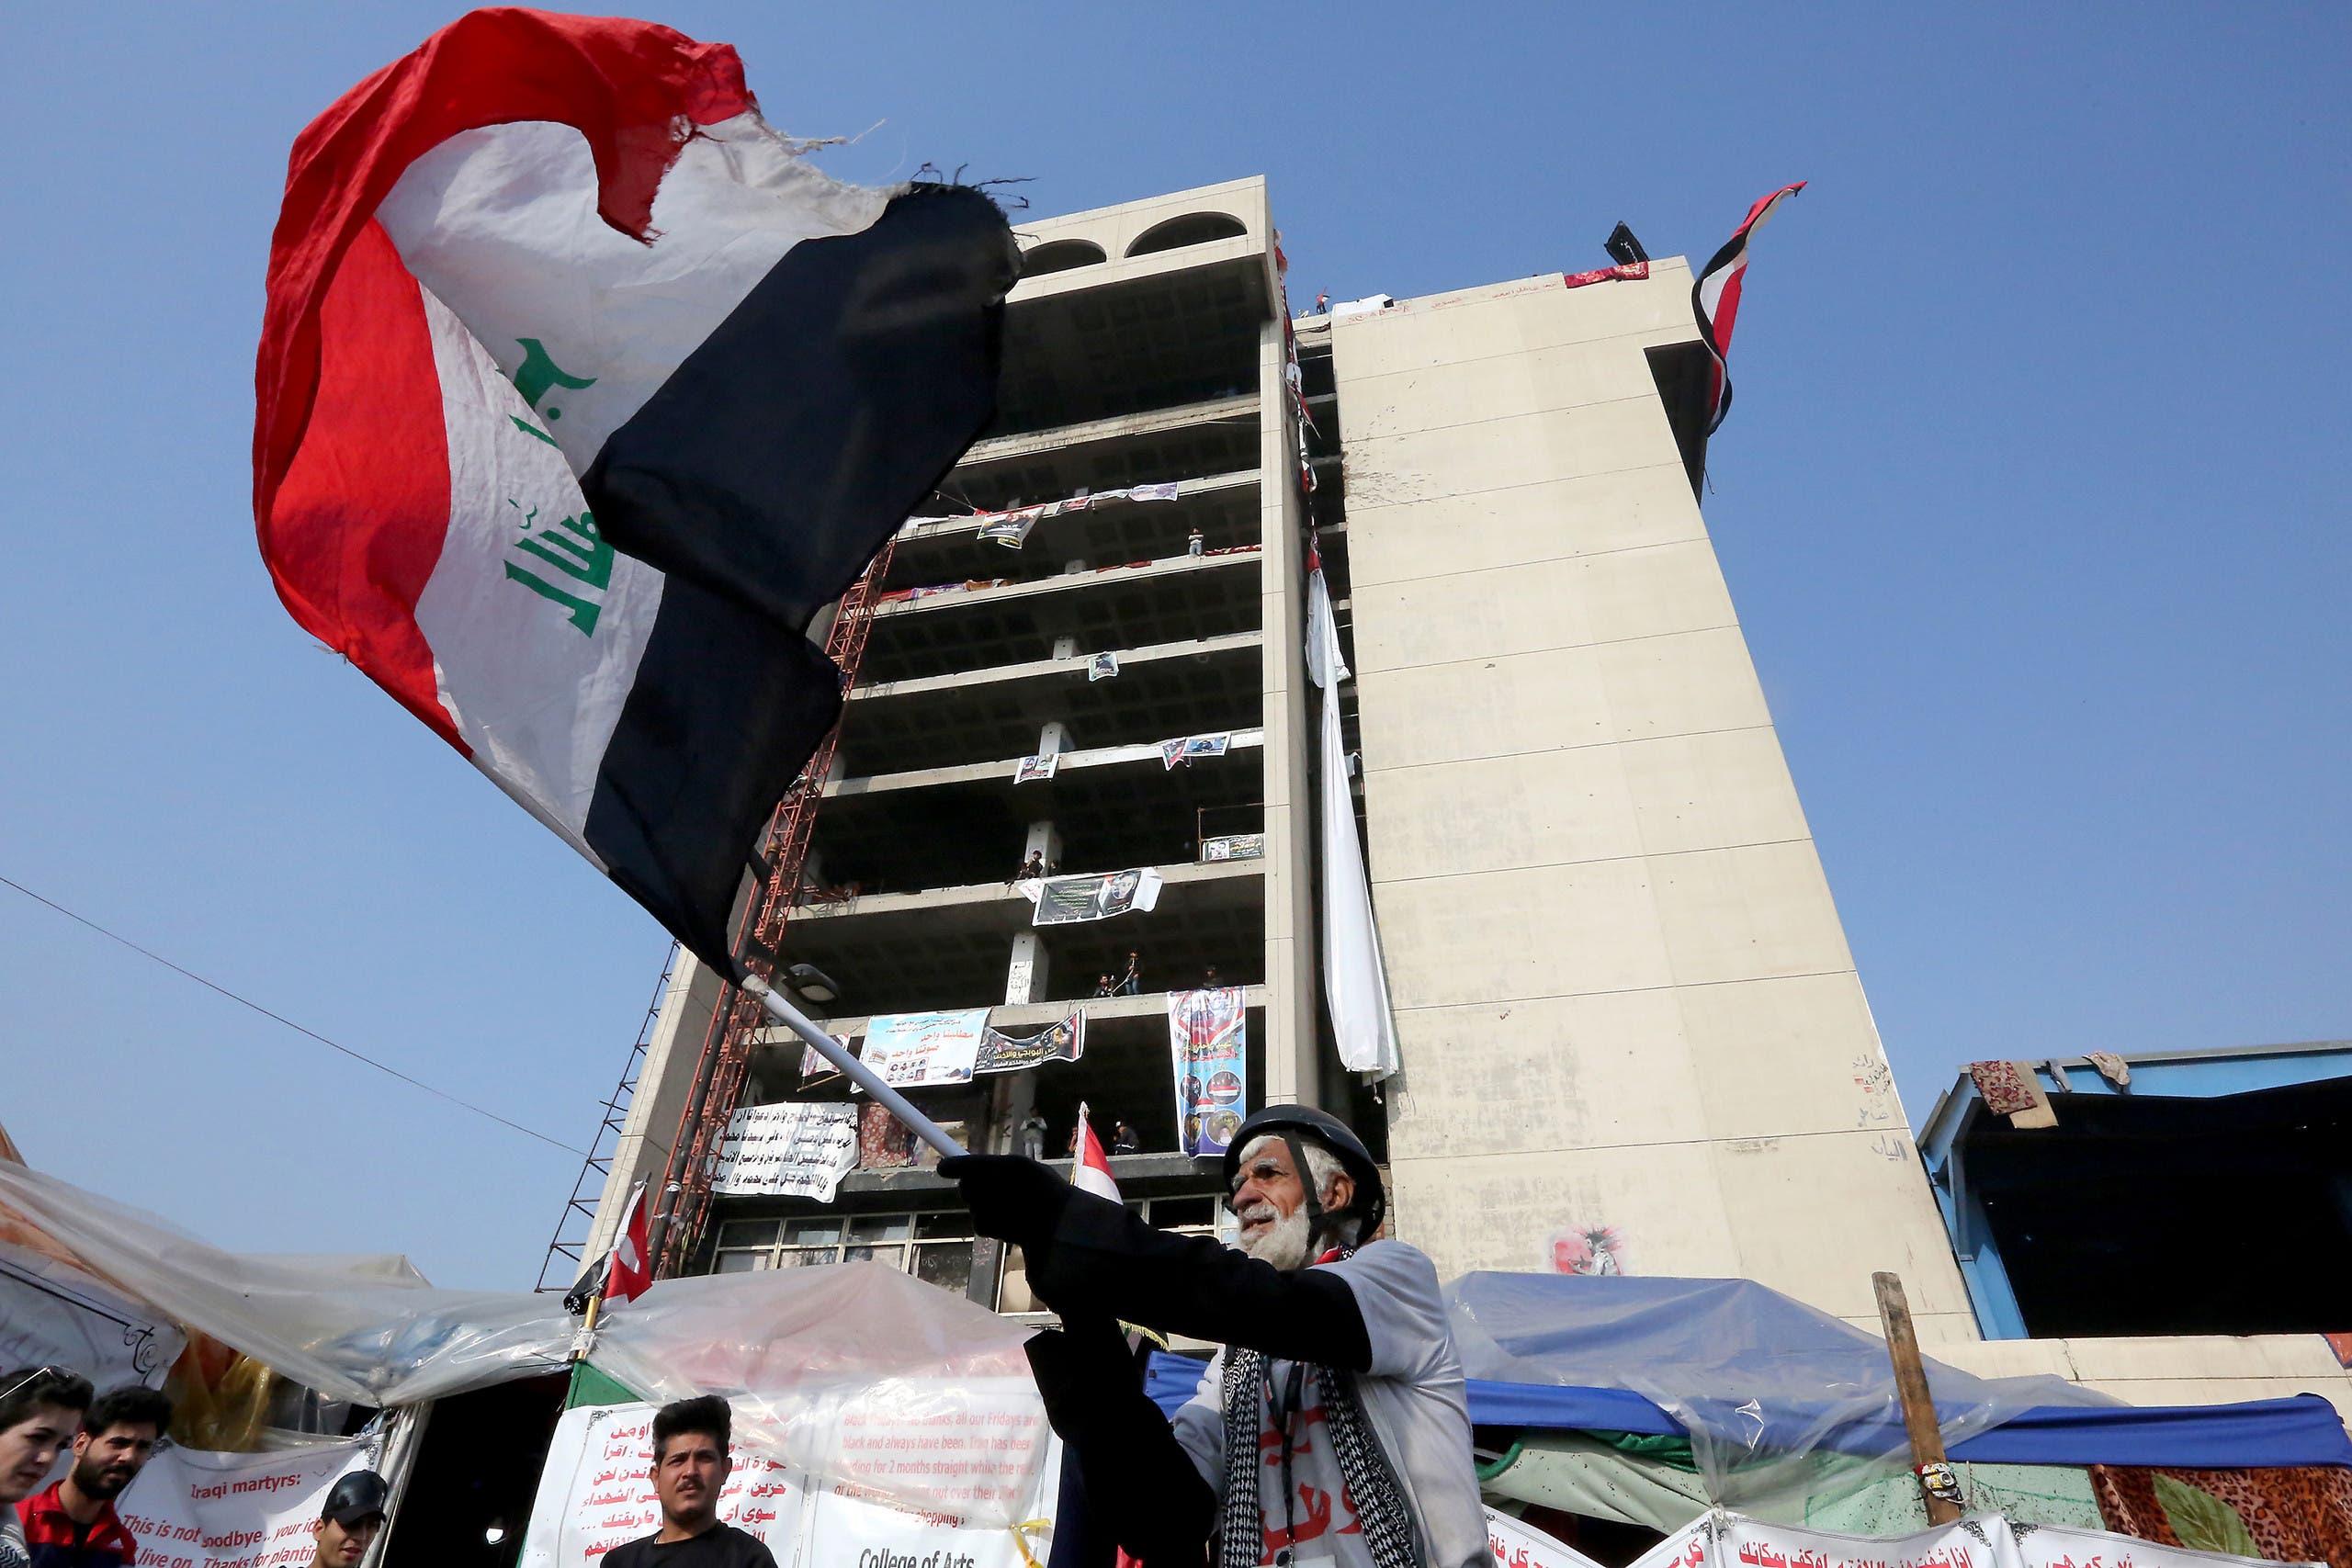 من احتجاجات العراق( فرانس برس)